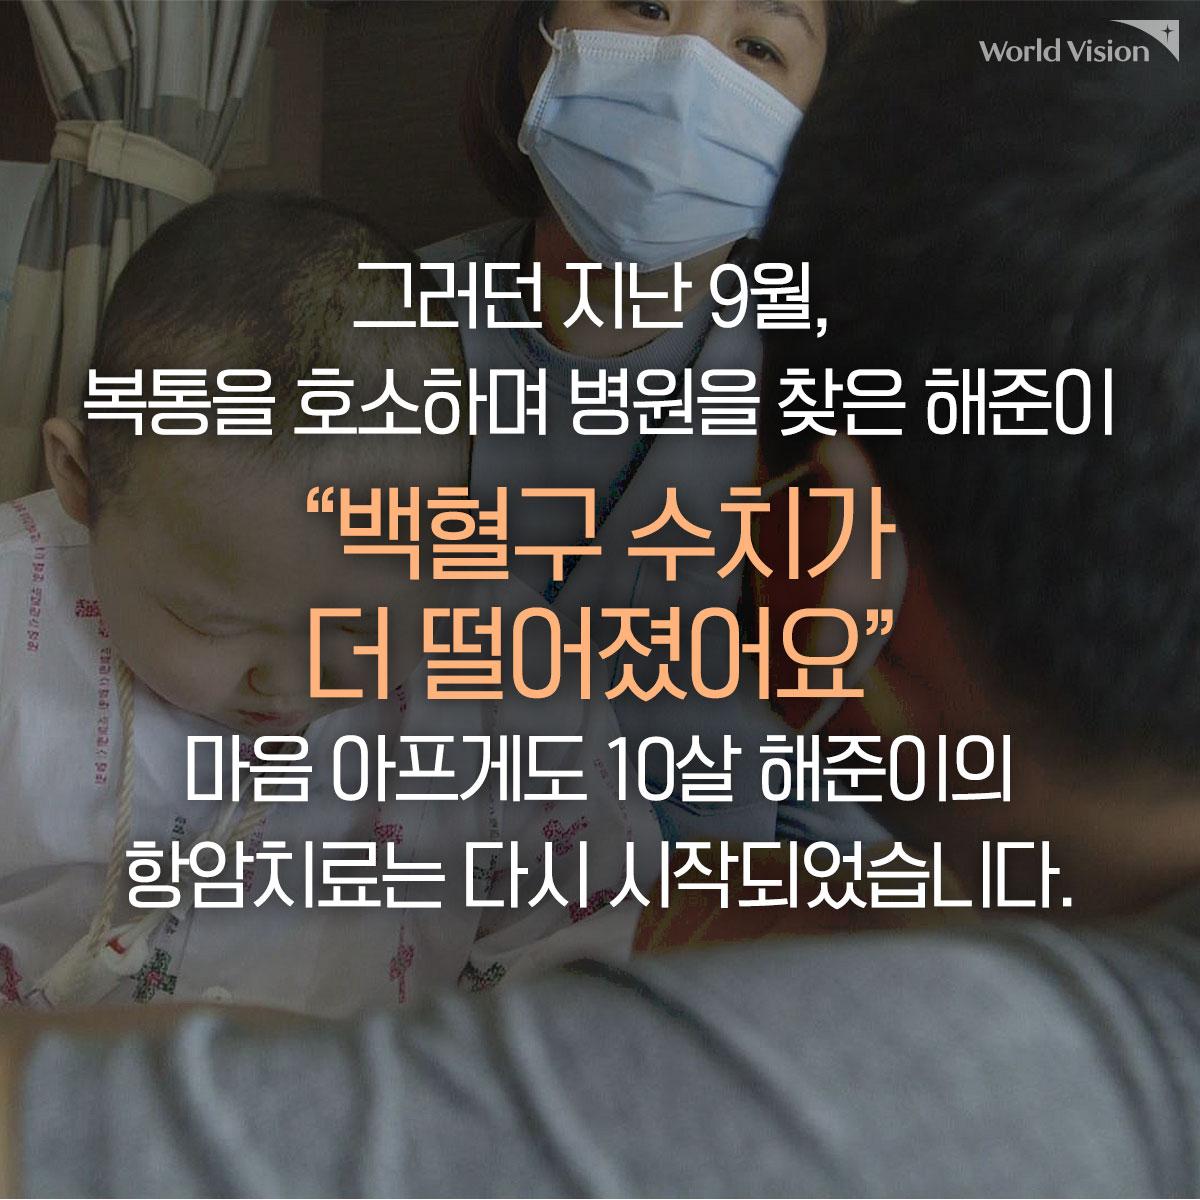 """그러던 지난 9월, 복통을 호소하며 병원을 찾은 해준이. """"백혈구 수치가 더 떨어졌어요."""" 마음 아프게도 10살 해준이의 항암치료는 다시 시작되었습니다."""